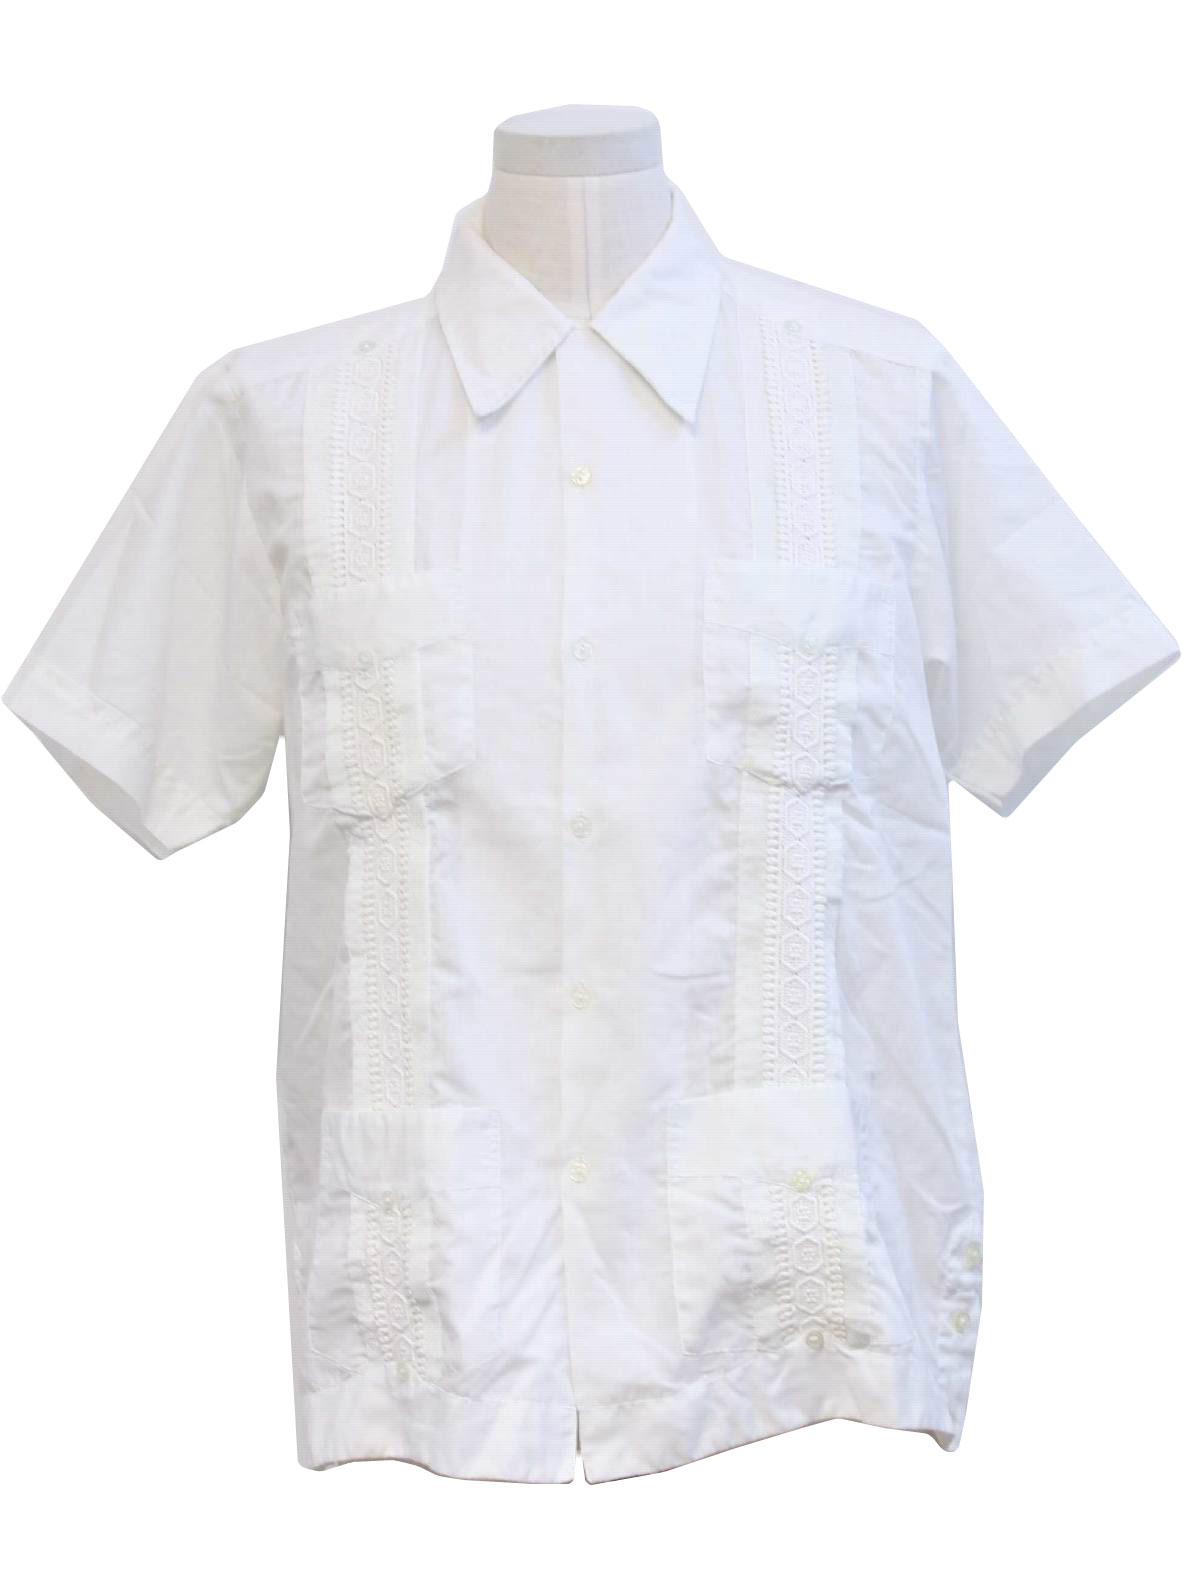 Tony 80 39 s vintage guayabera shirt 80s tony mens white for Tony collar dress shirt